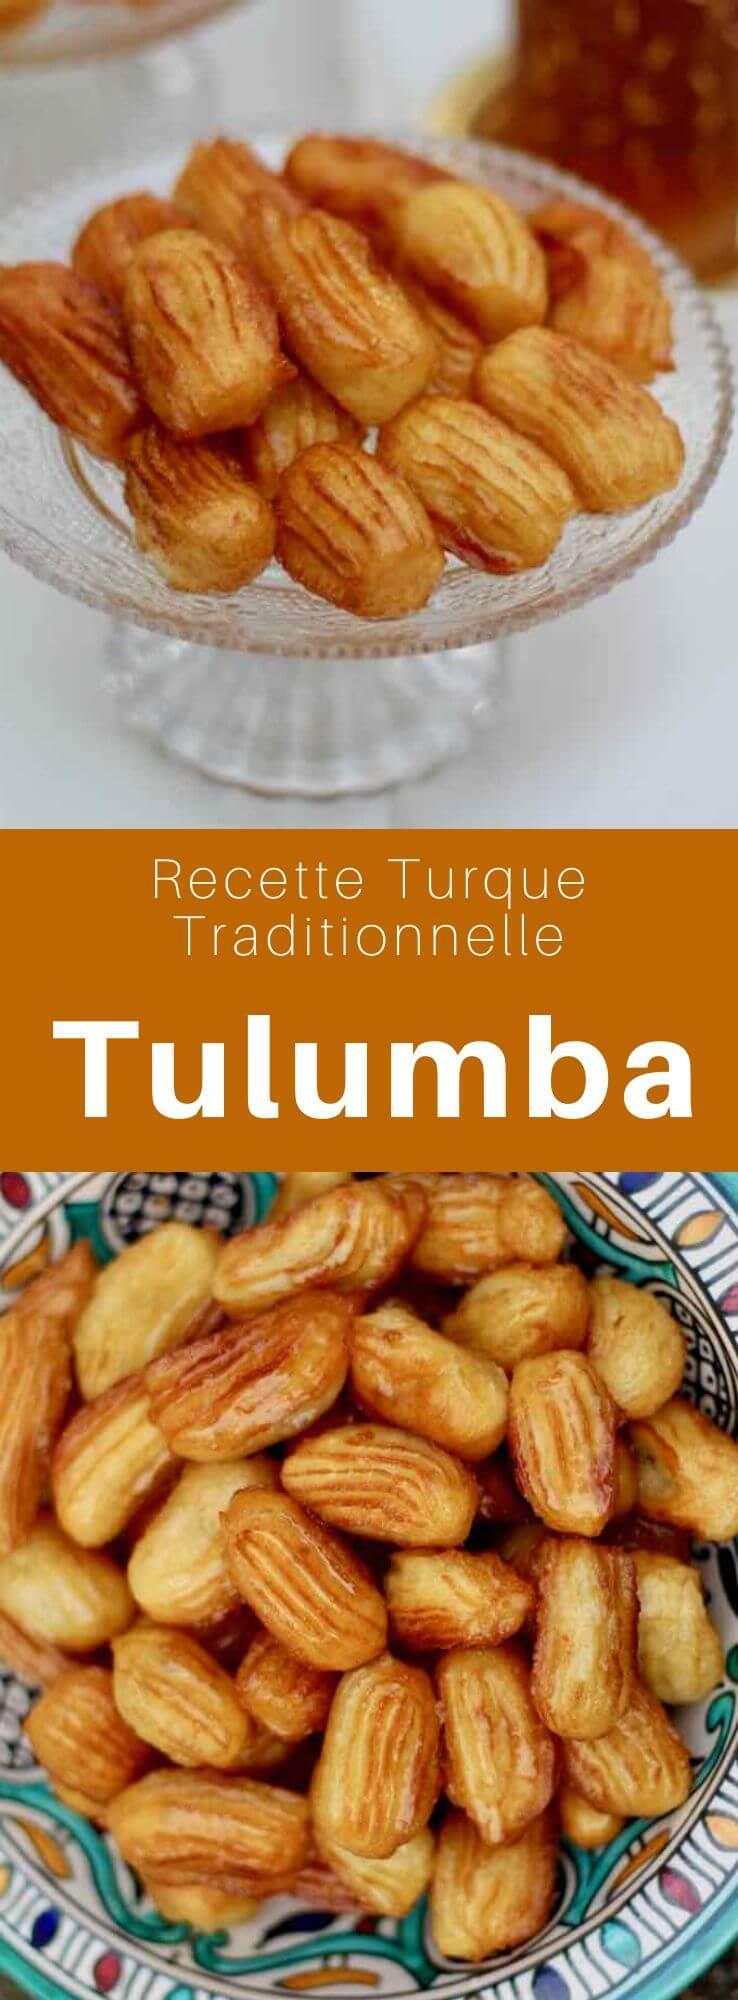 Le tulumba est un dessert traditionnel turc à base de batonnets de pâte à choux frits qui sont trempés dans un sirop de sucre. #Turquie #RecetteTurque #CuisineTurque #CuisineDuMonde #196flavors